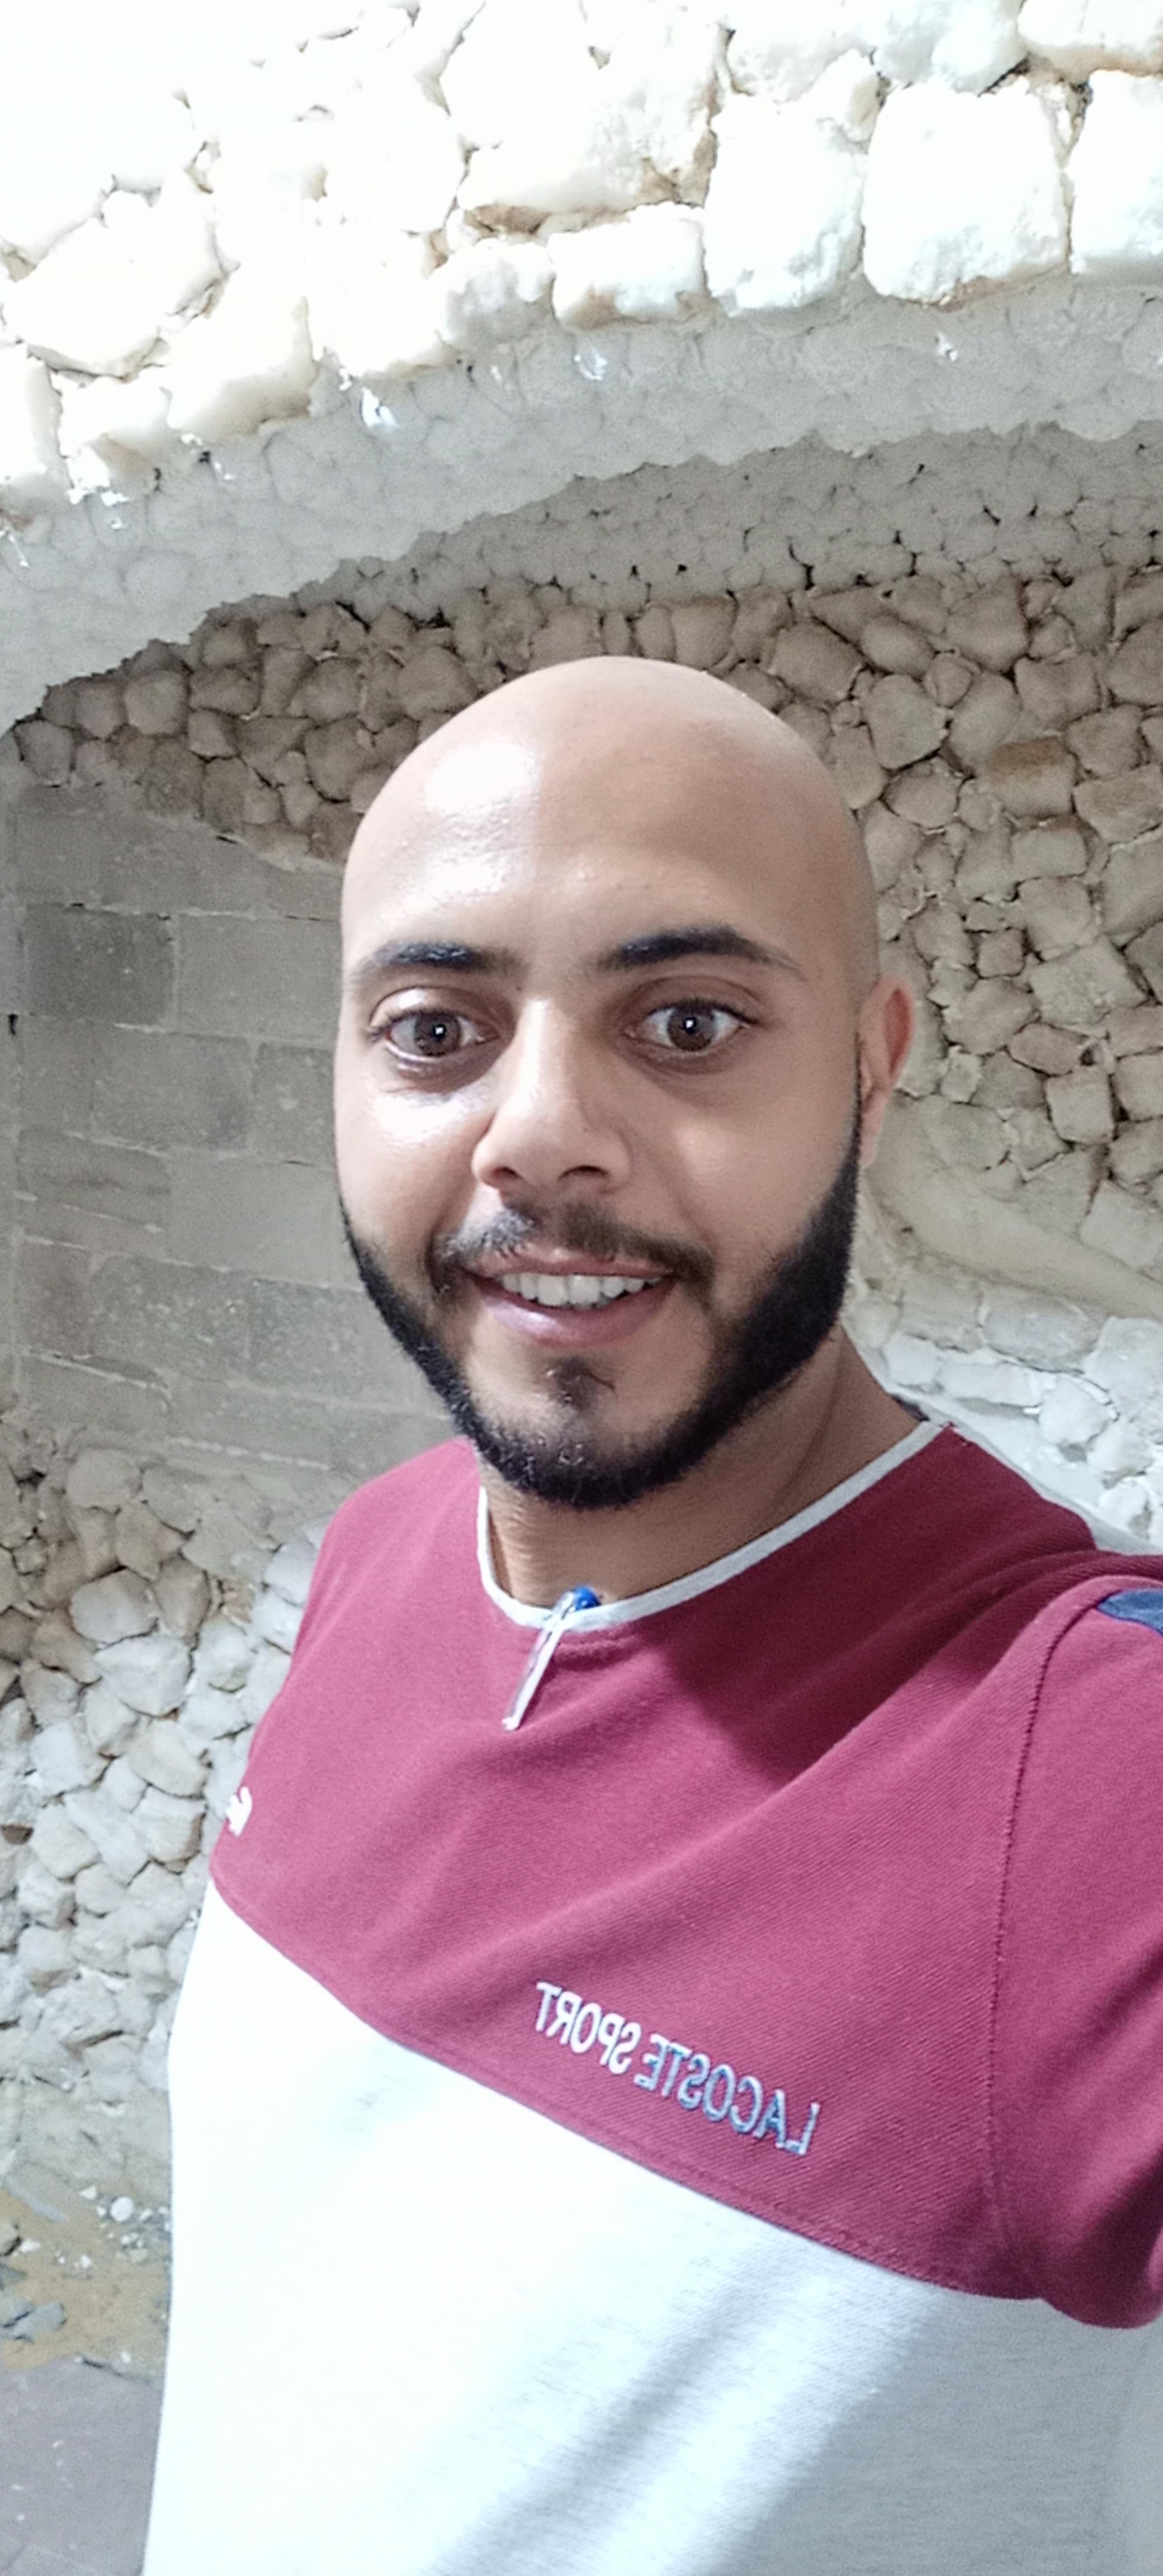 Mohabouelnasr Profile Picture